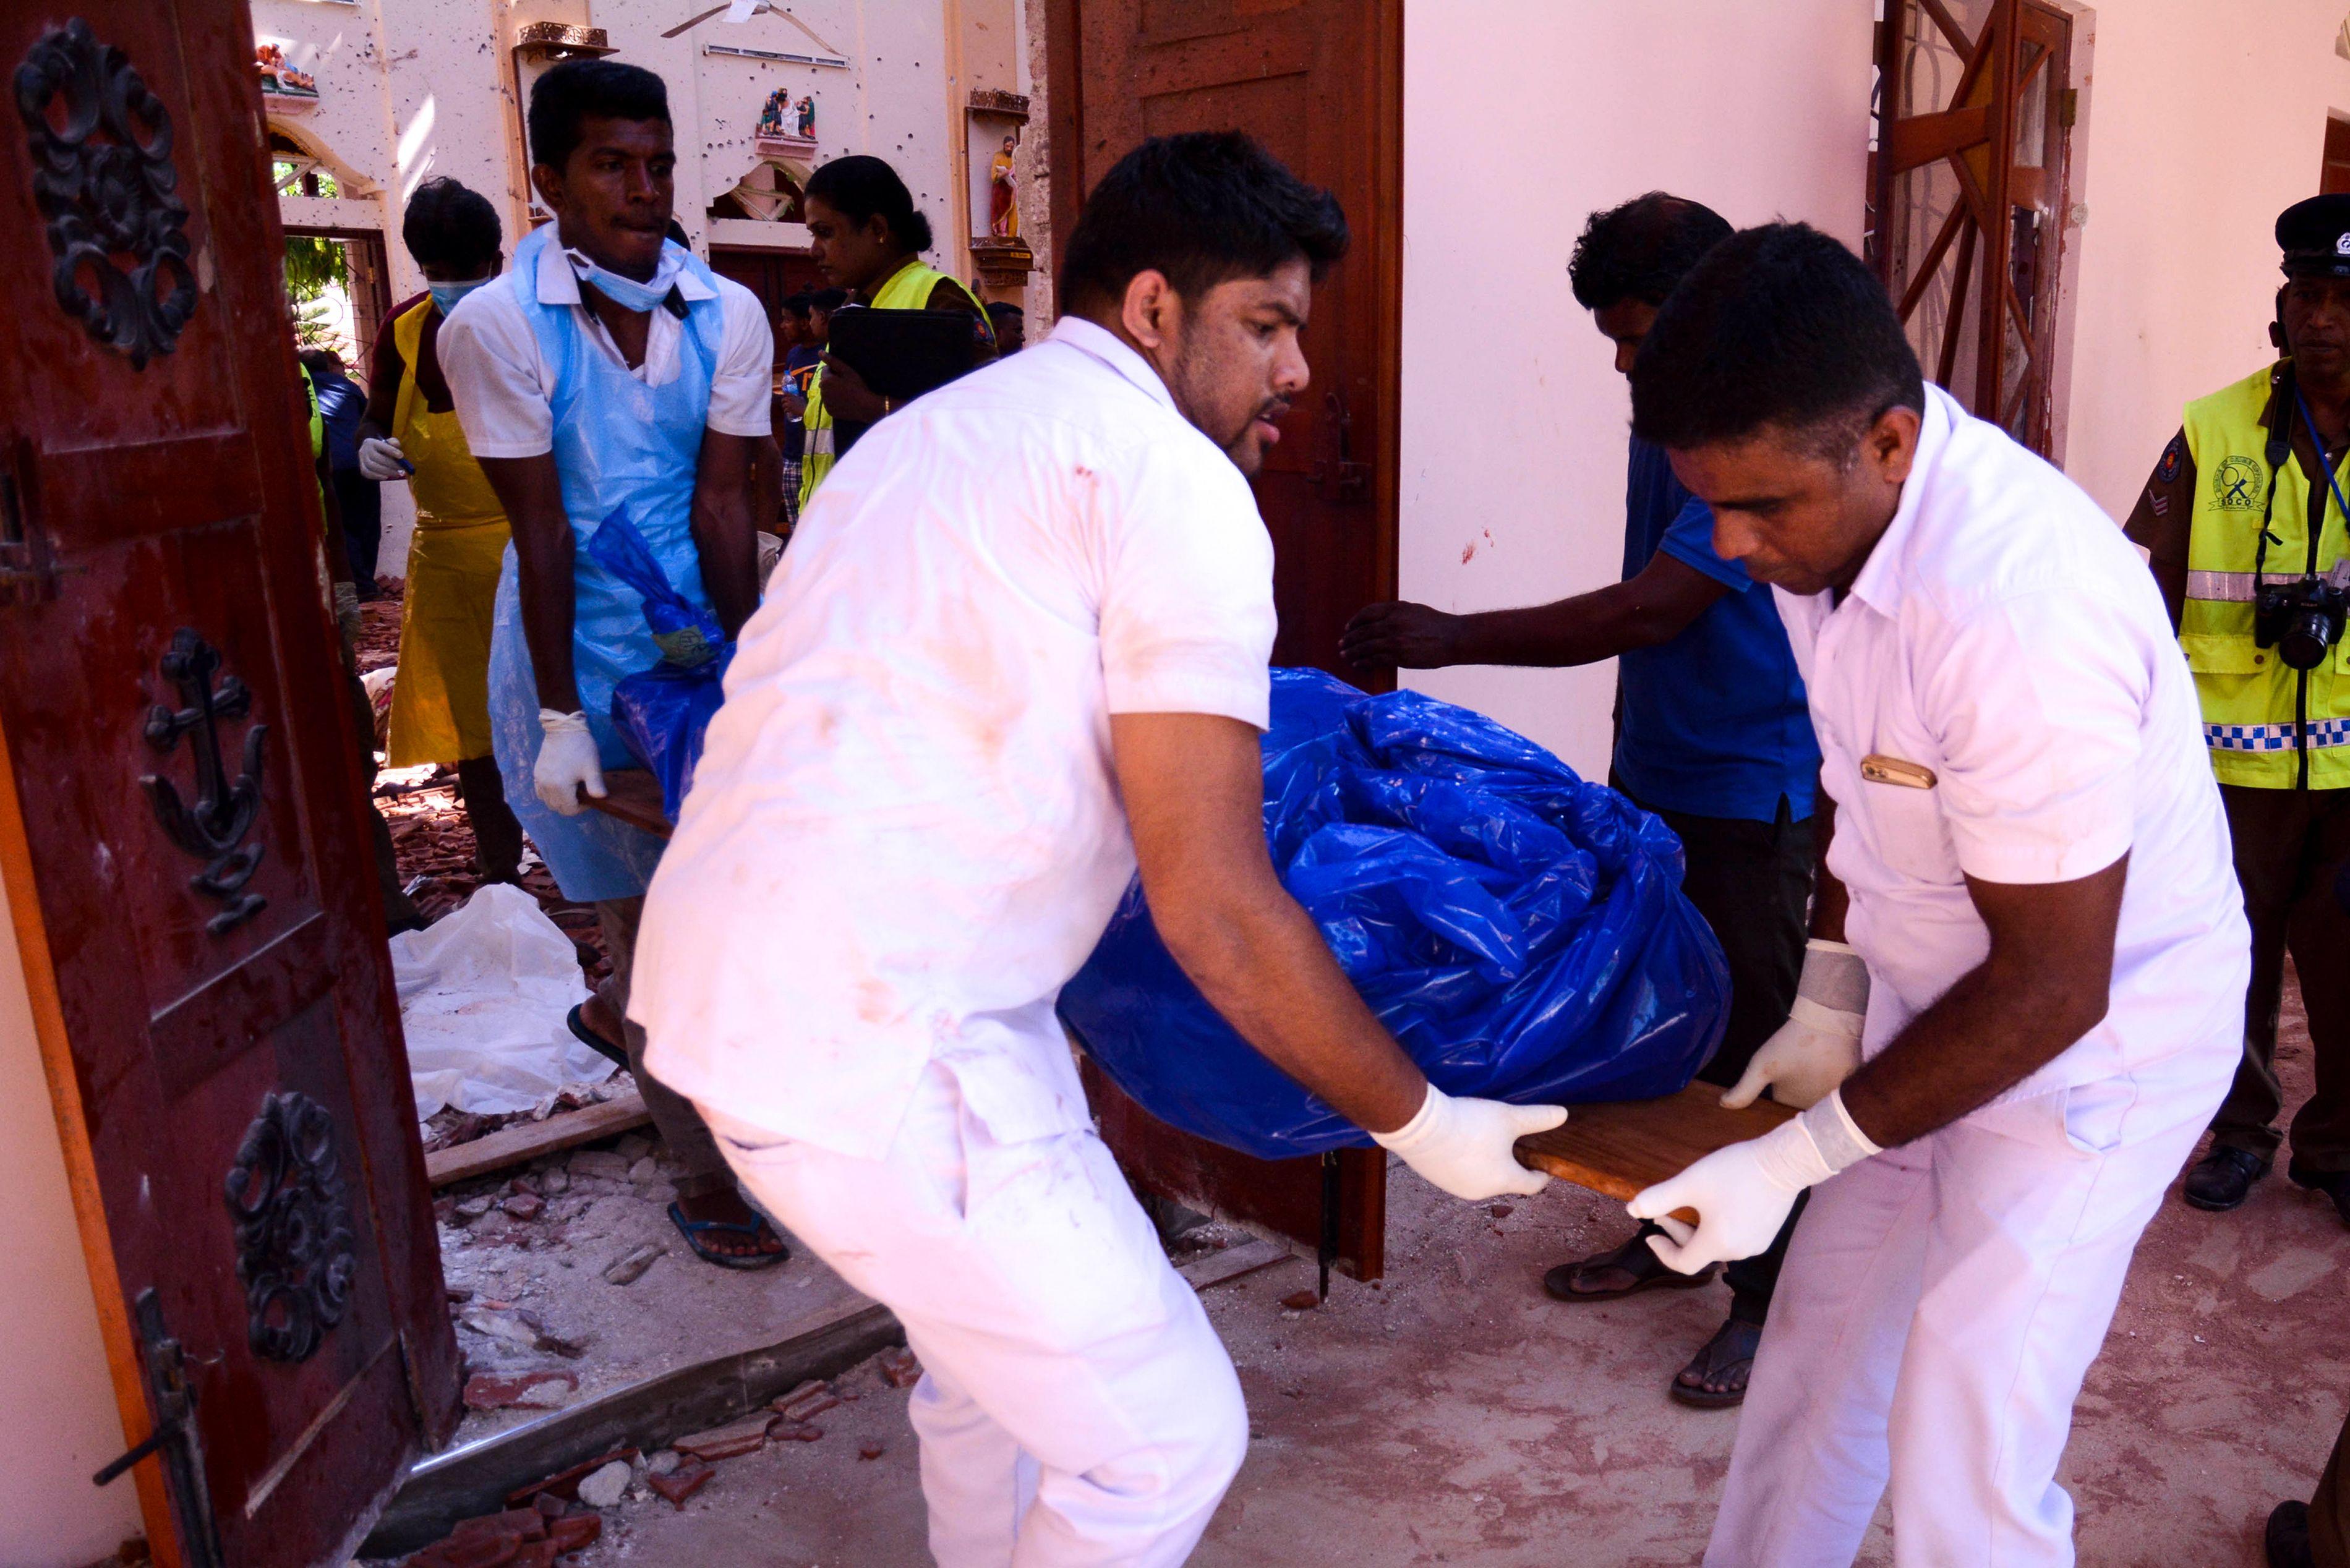 斯里蘭卡首都可倫坡聖安東尼教堂21日早上發生爆炸事件,目前傷亡人數不斷上升。(Aashik Nazardeen推特)